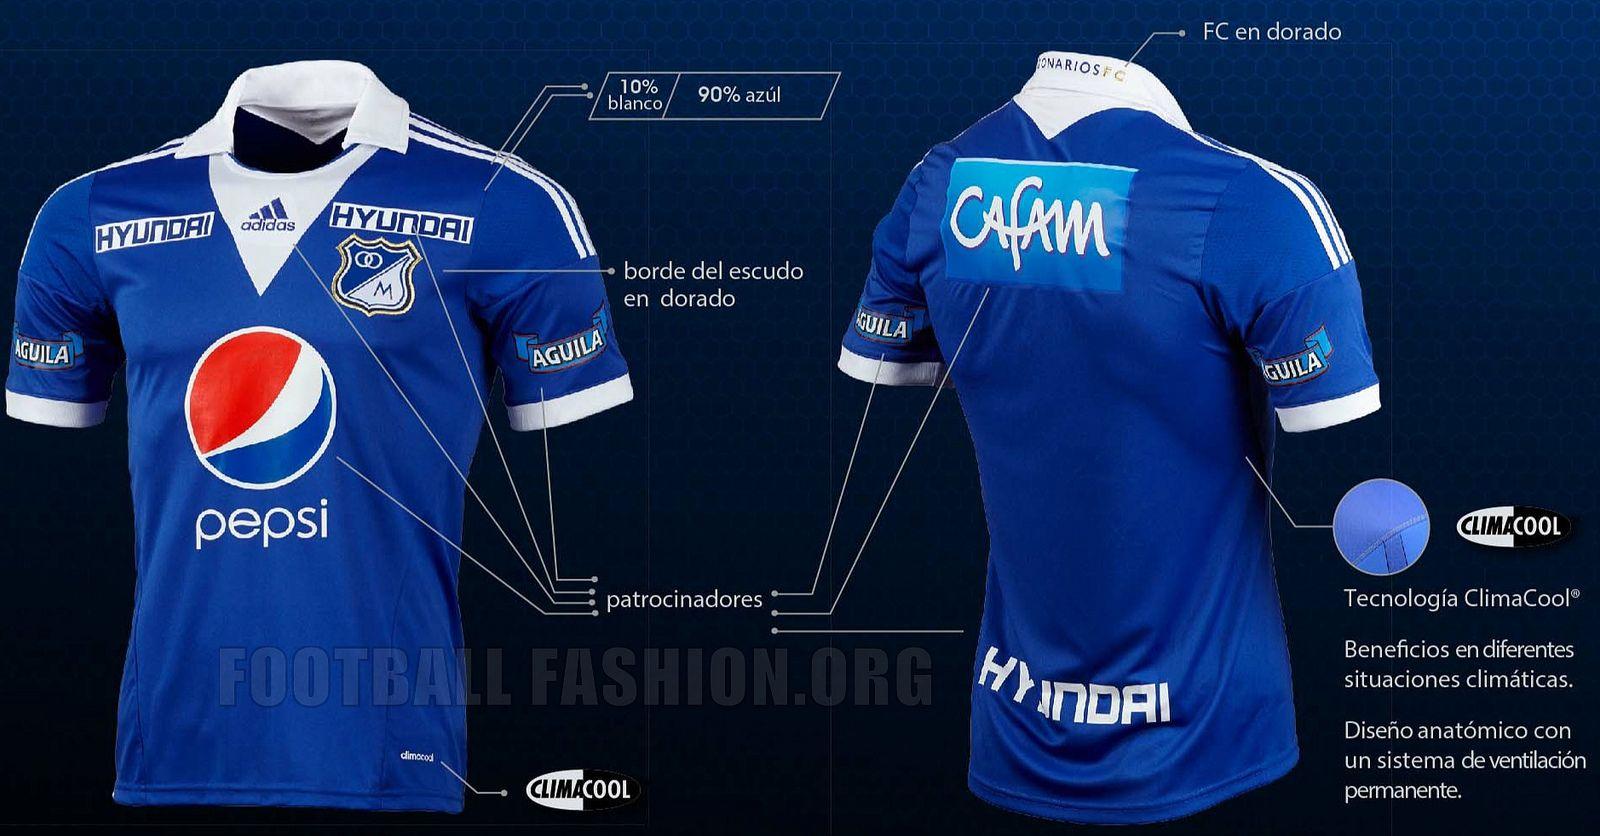 4e489d86dcf Millonarios FC 2013 adidas Home Kit